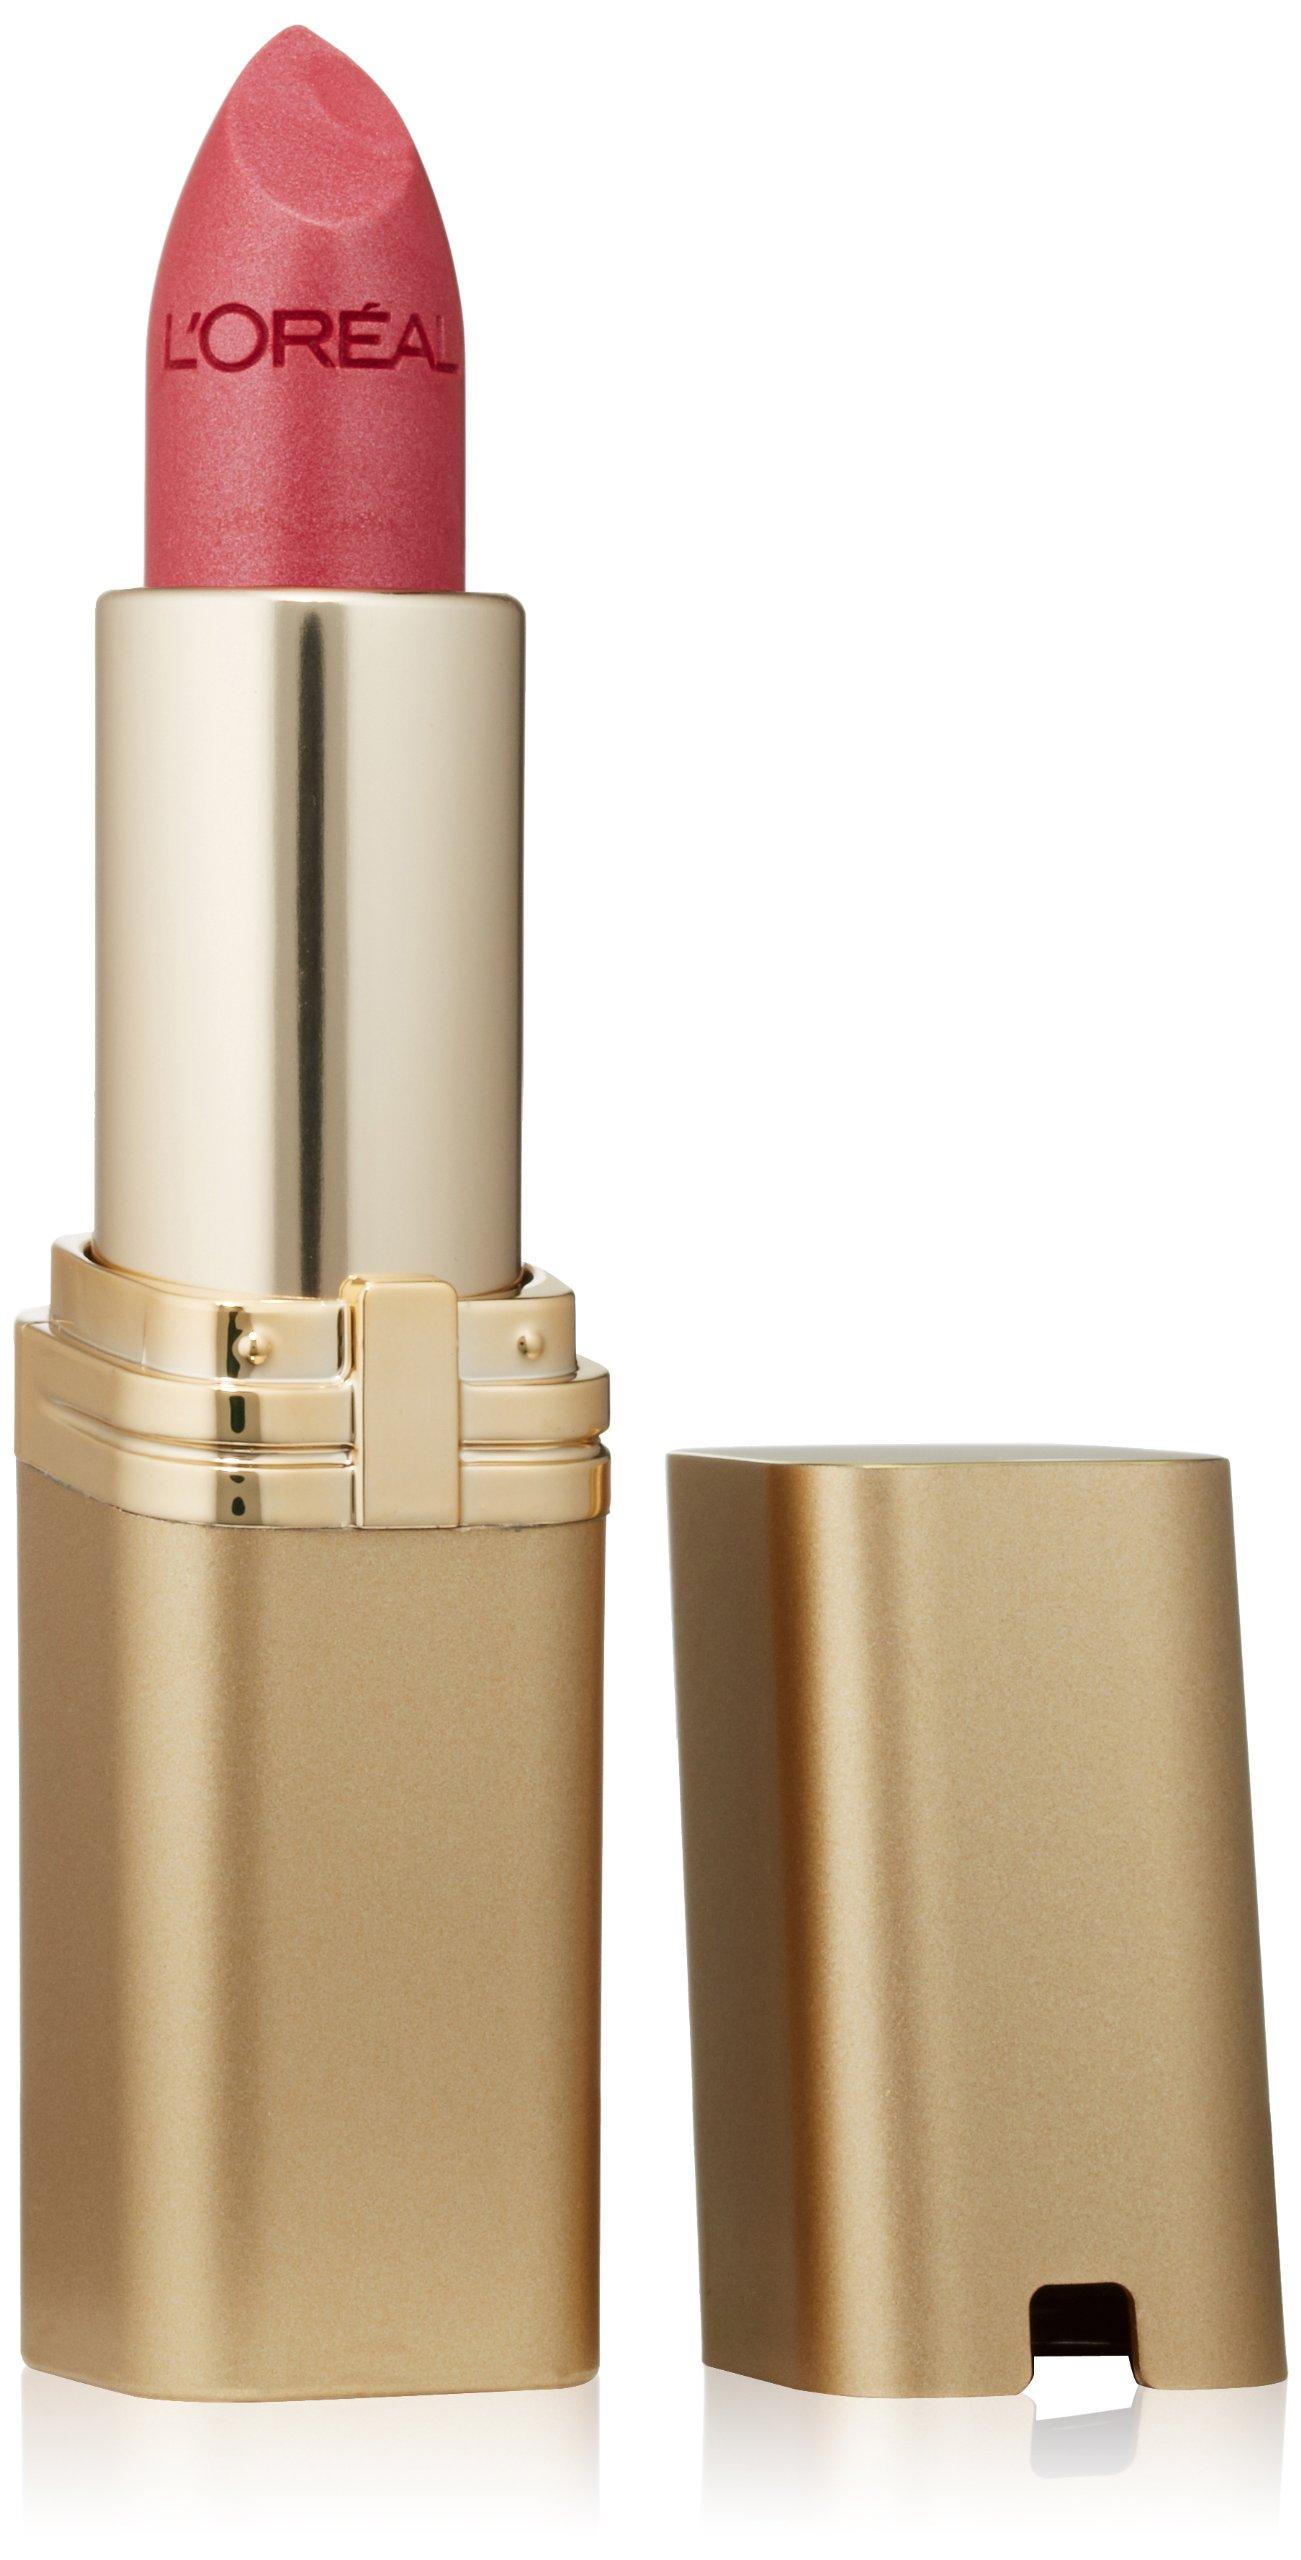 L'Oréal Paris Colour Riche Lipstick, Peony Pink, 0.13 oz.